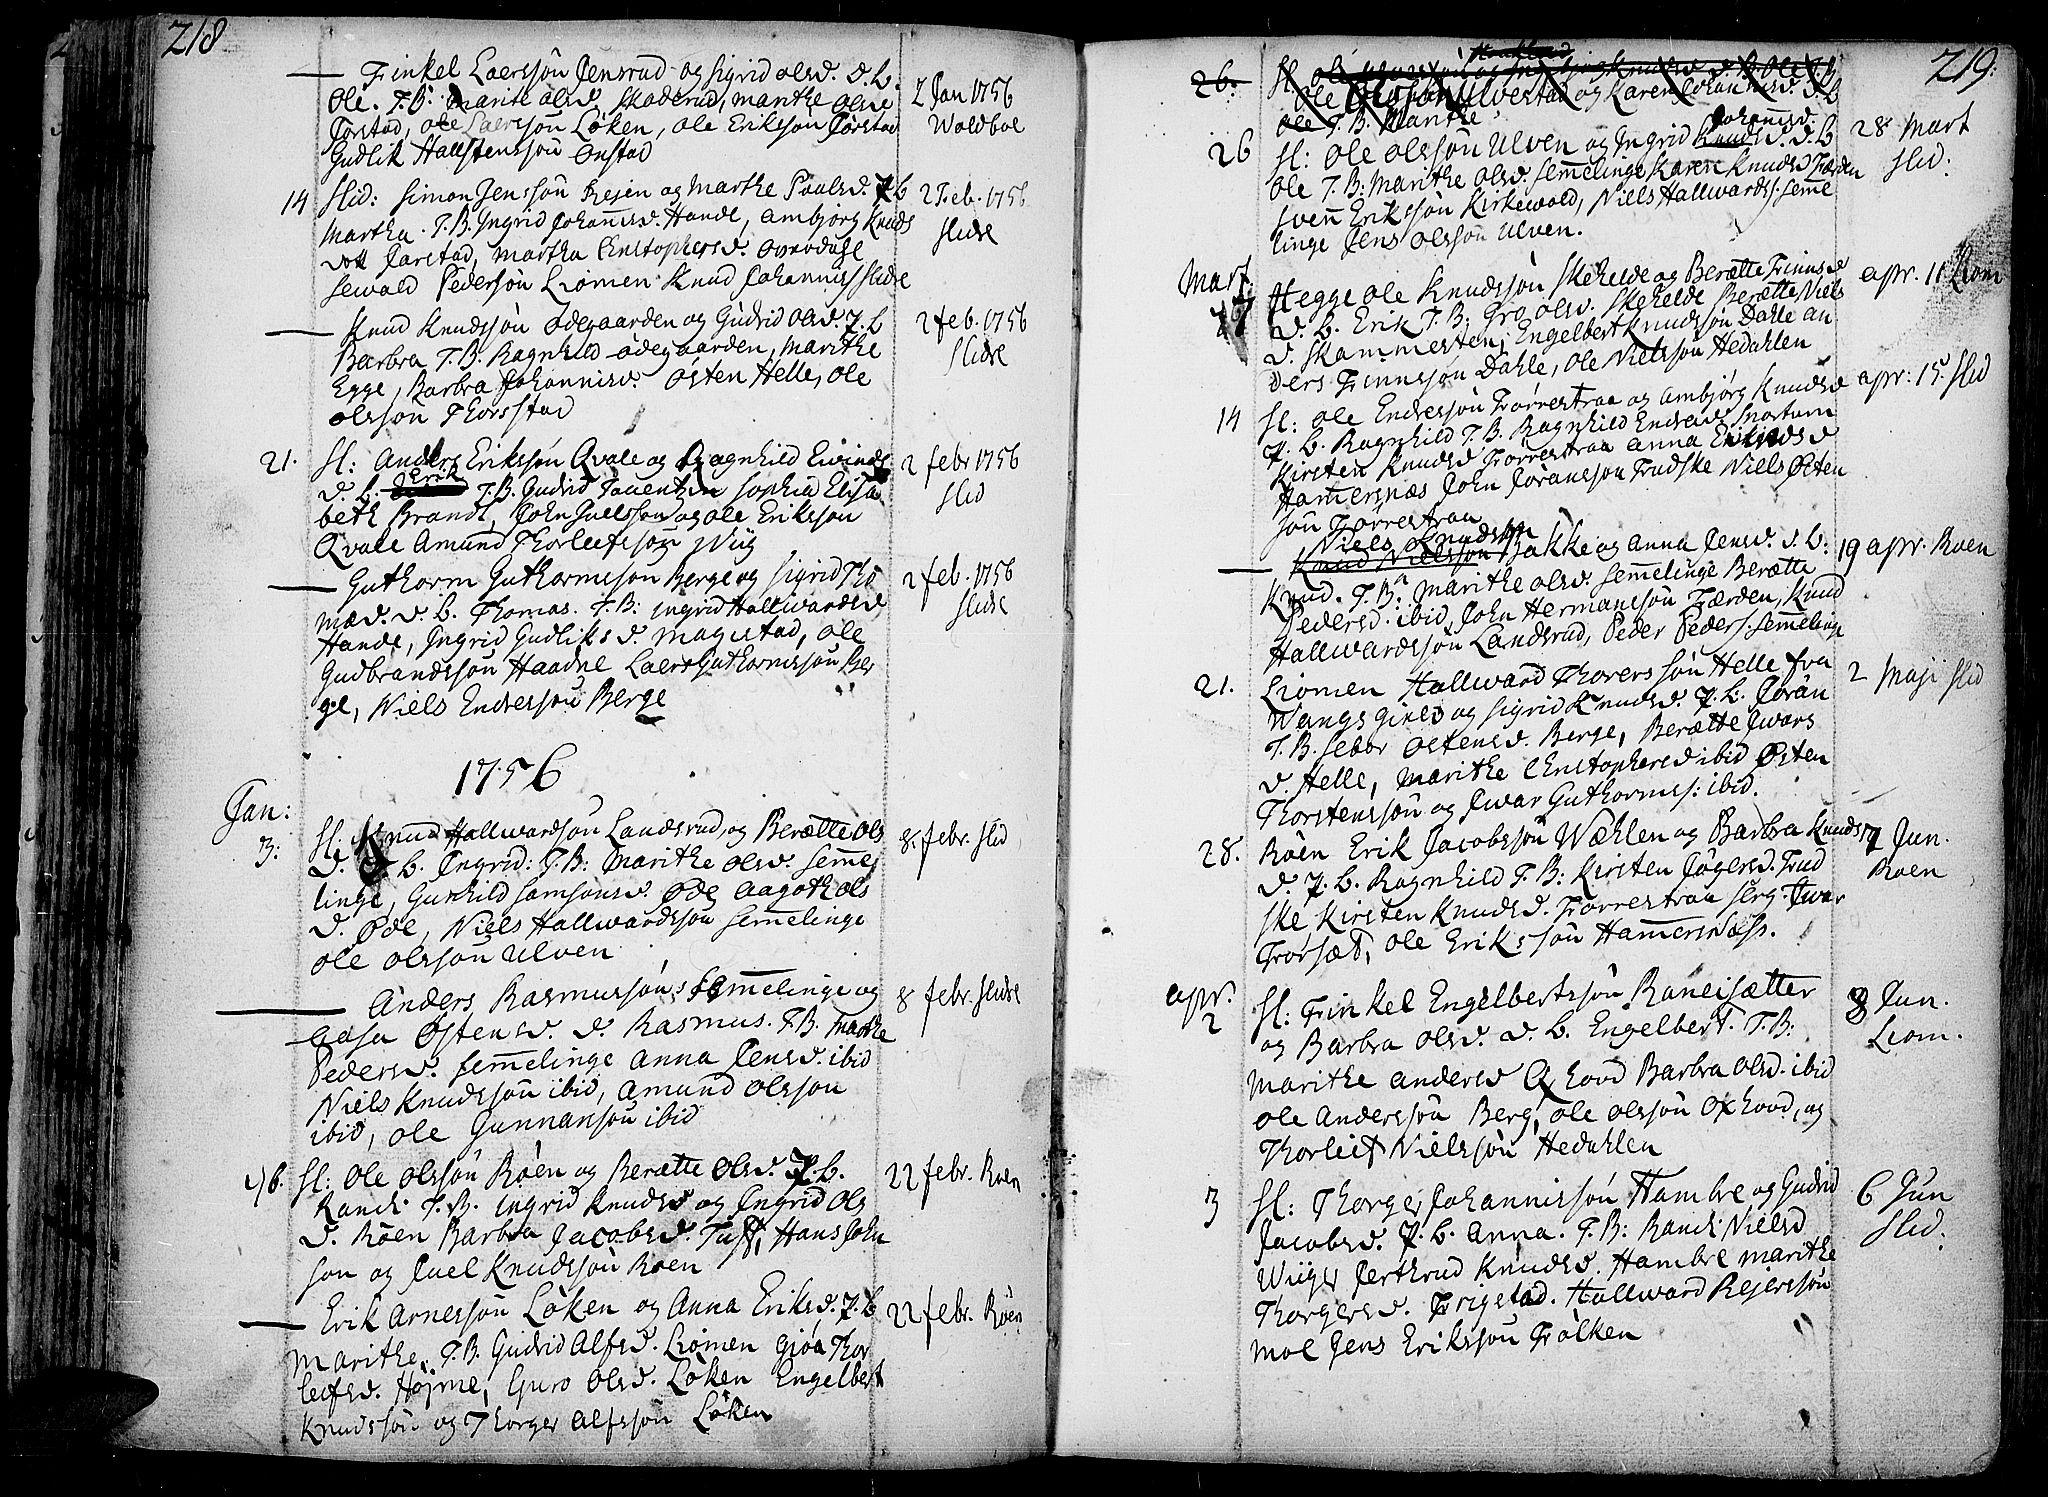 SAH, Slidre prestekontor, Ministerialbok nr. 1, 1724-1814, s. 218-219